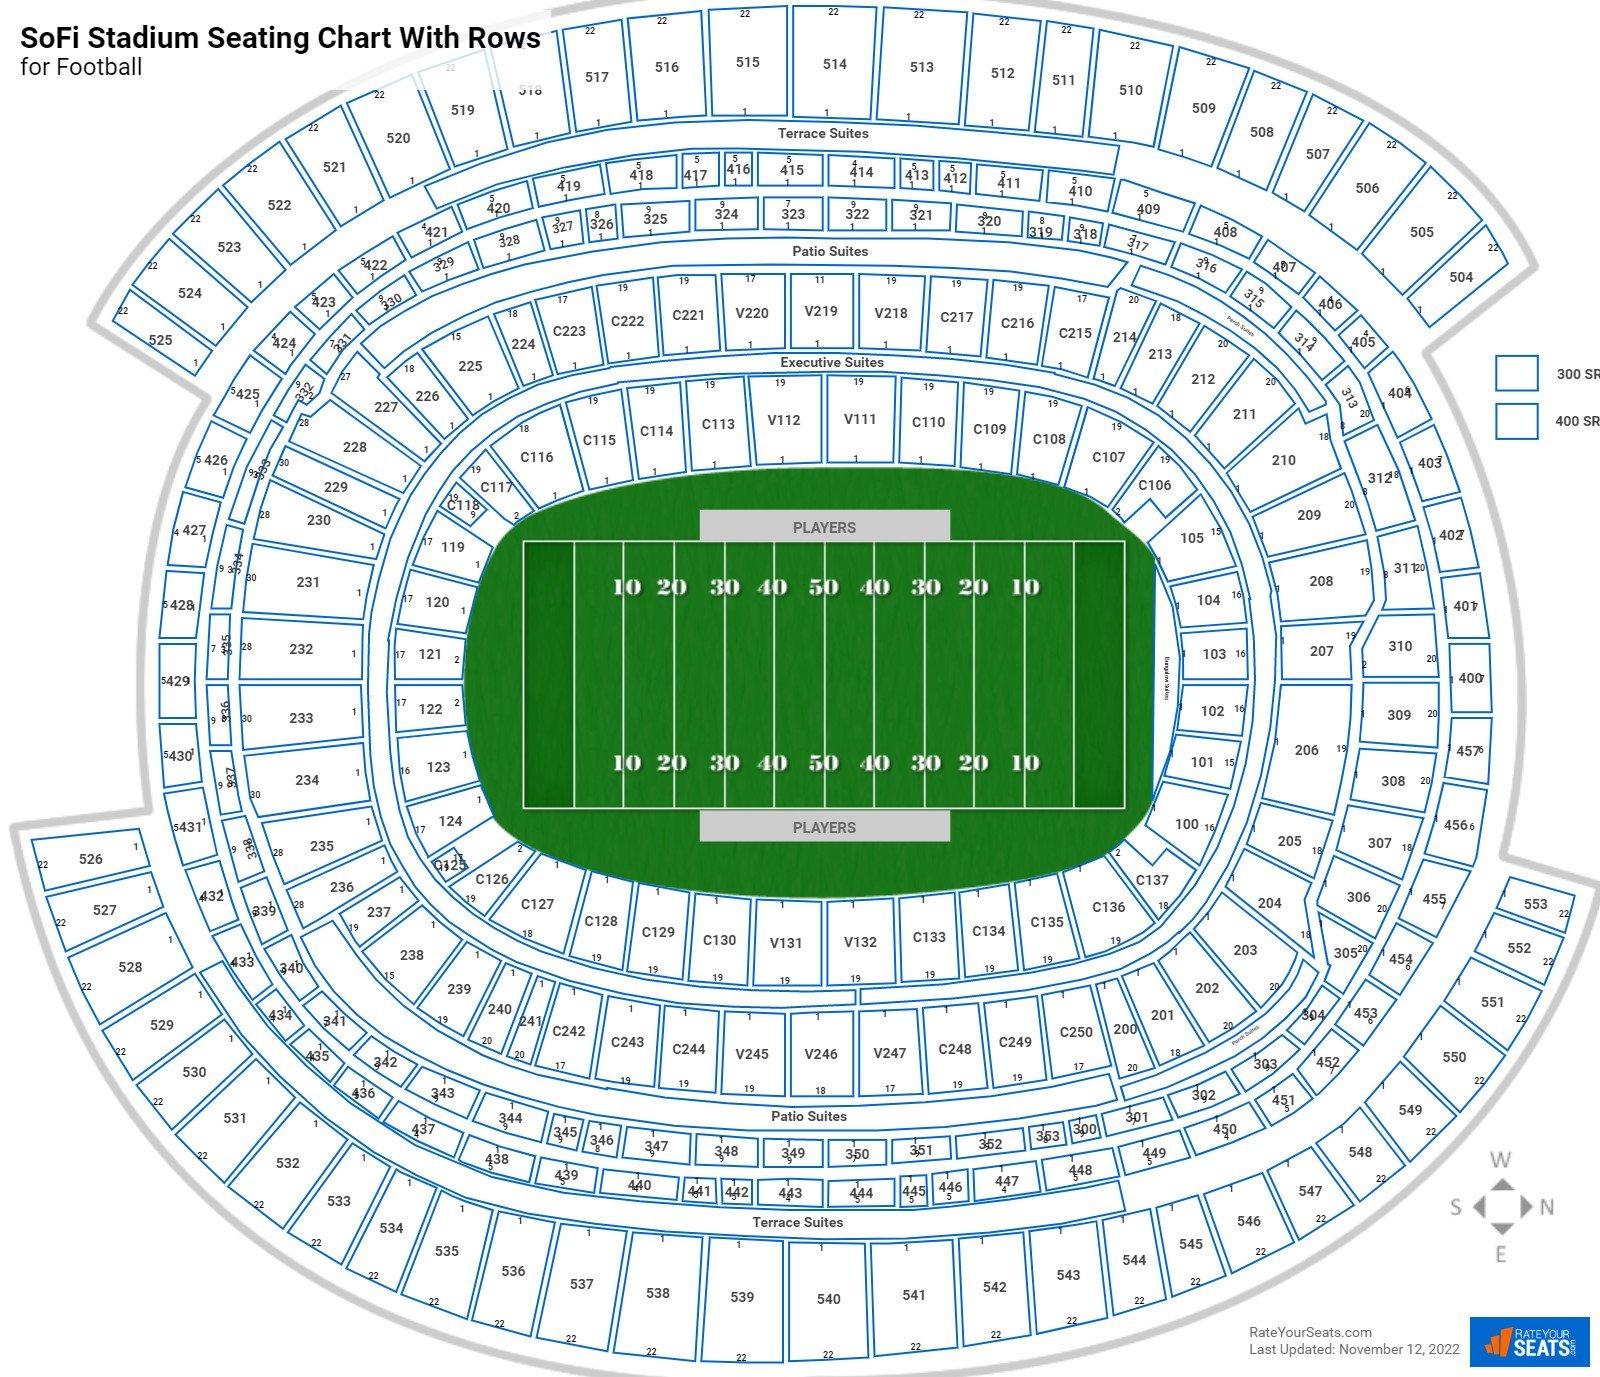 Rams Seating Charts at SoFi Stadium ...